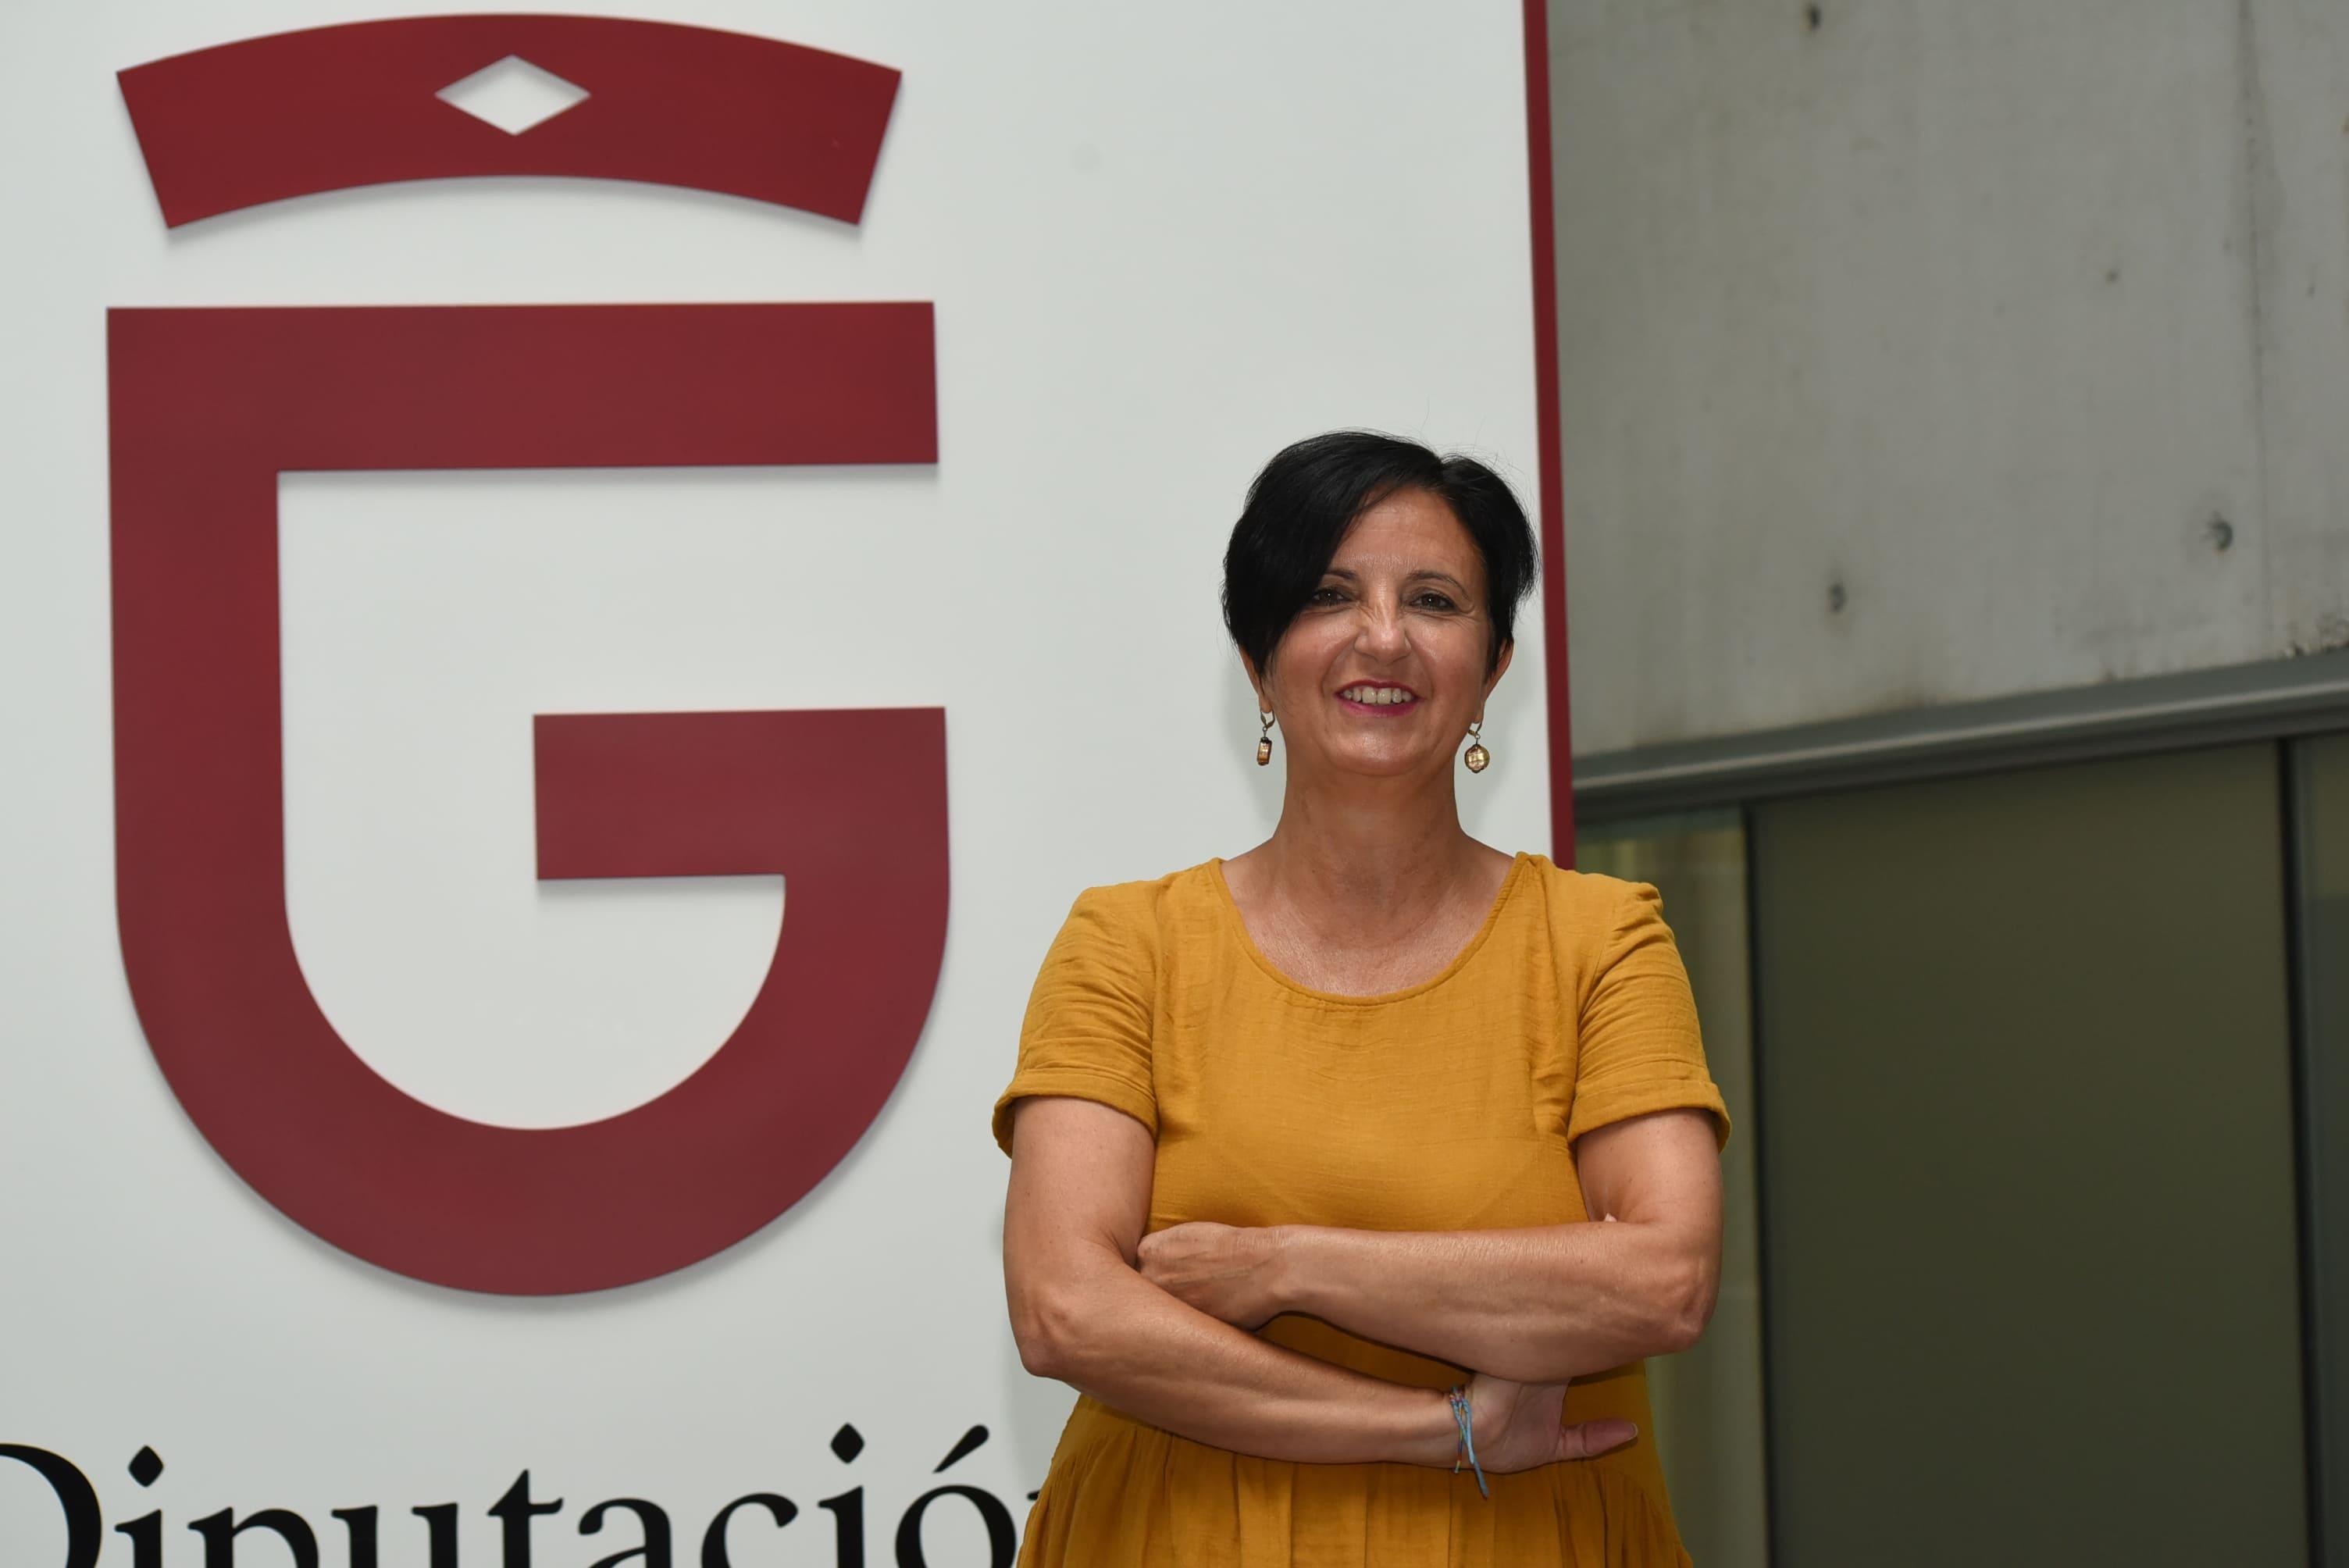 Diputación formará en transformación digital a mujeres emprendedoras en entornos rurales